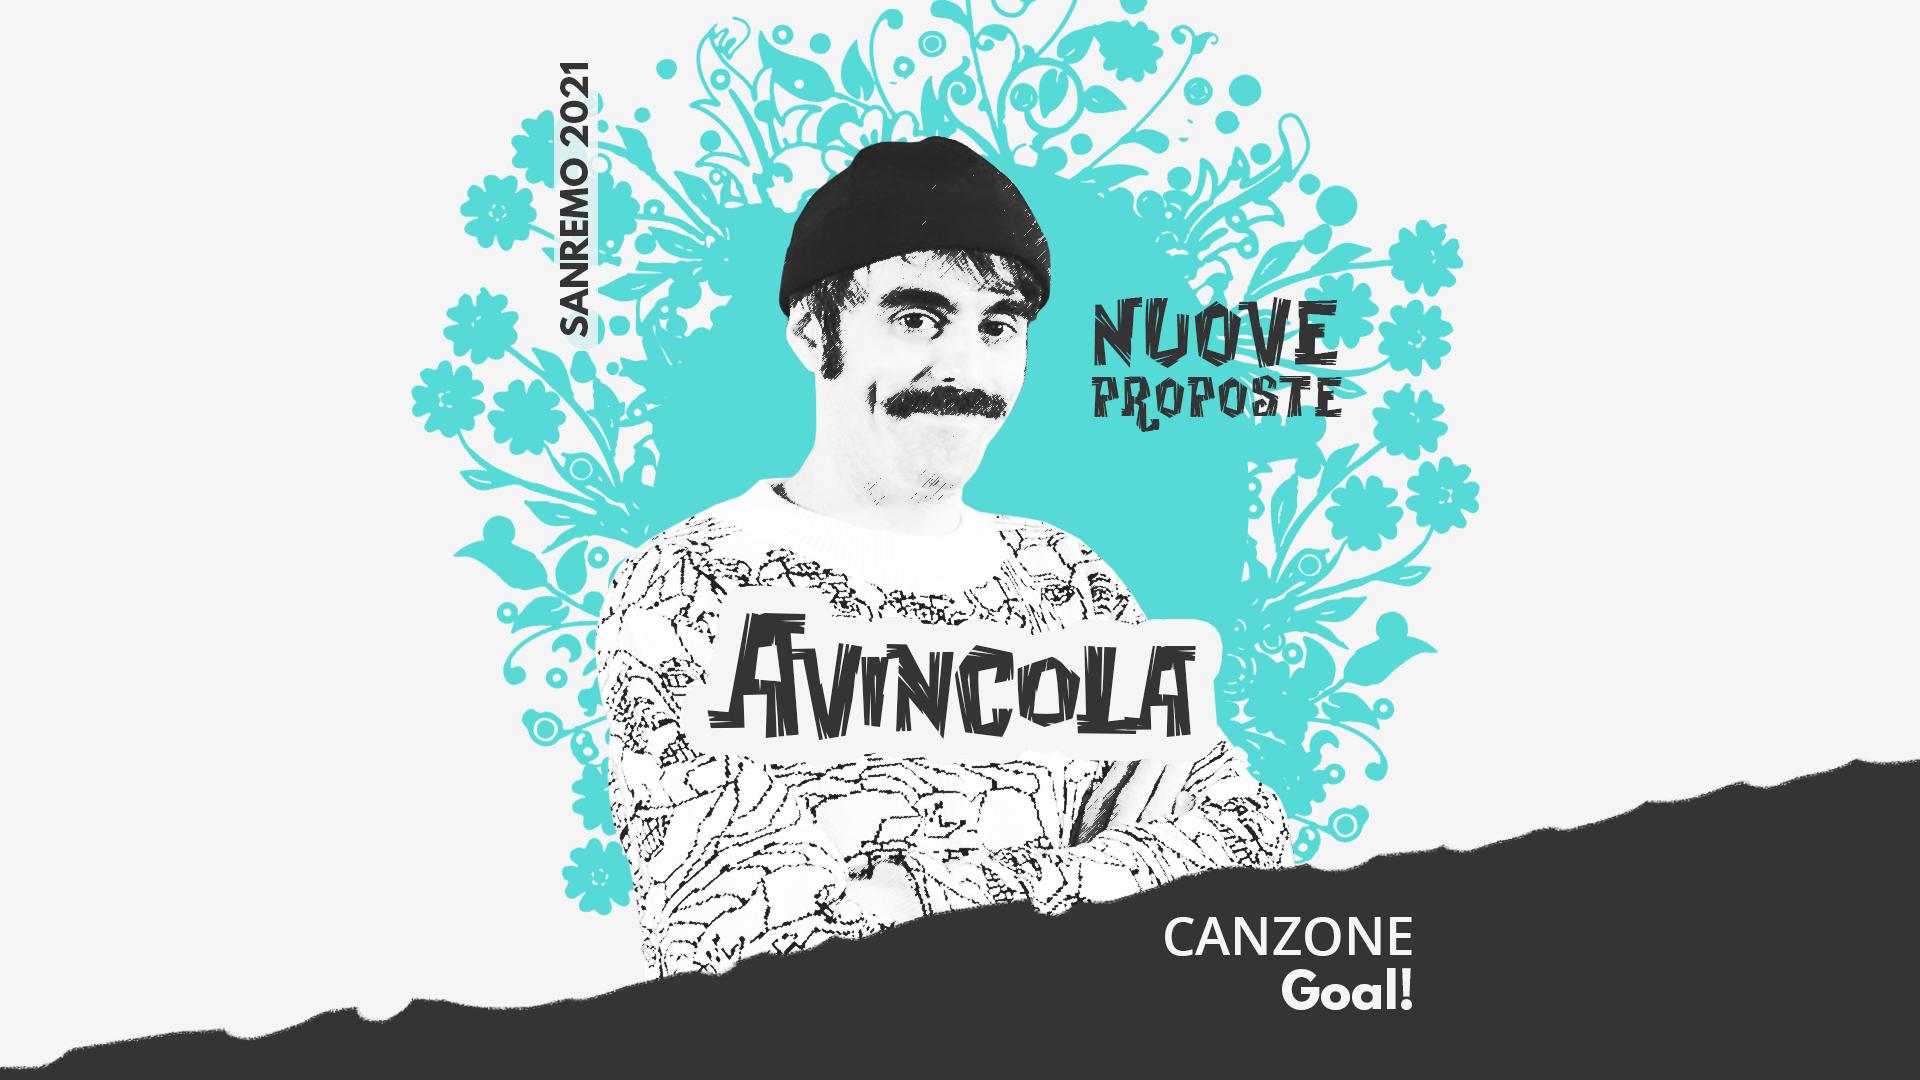 Sanremo 2021, Nuove proposte: Avincola – Goal!